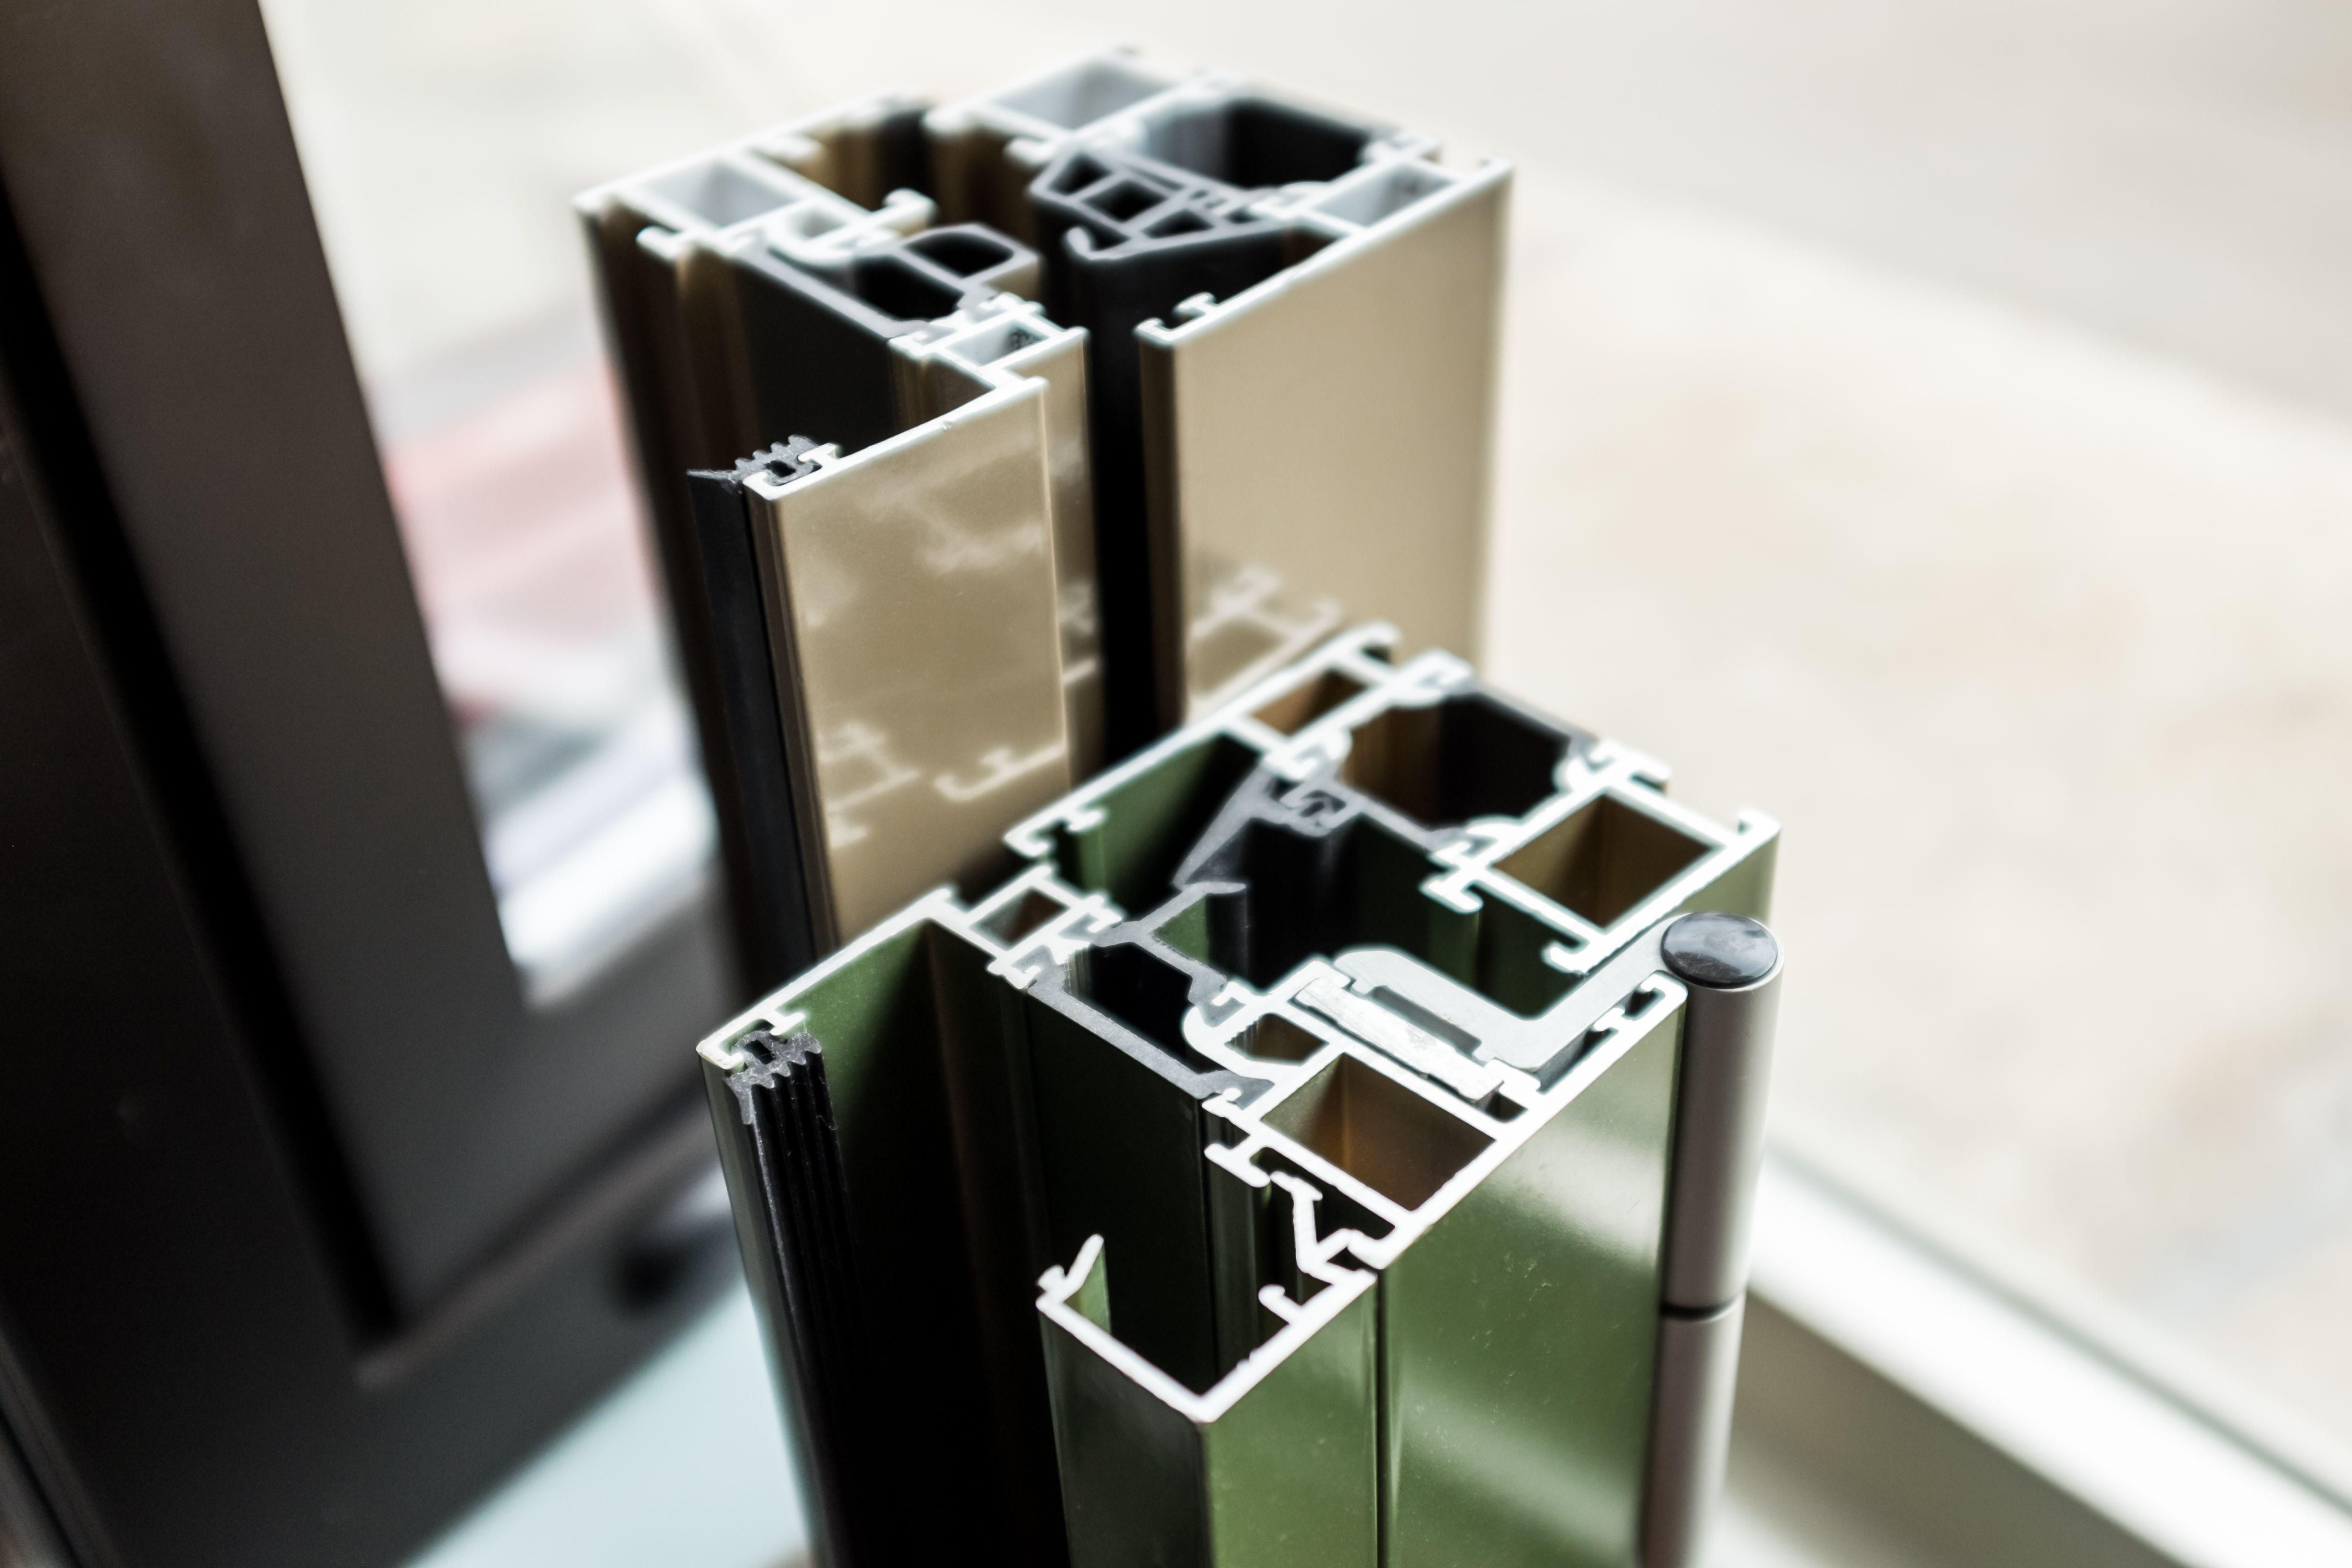 Trabajos en carpintería de aluminio y pvc